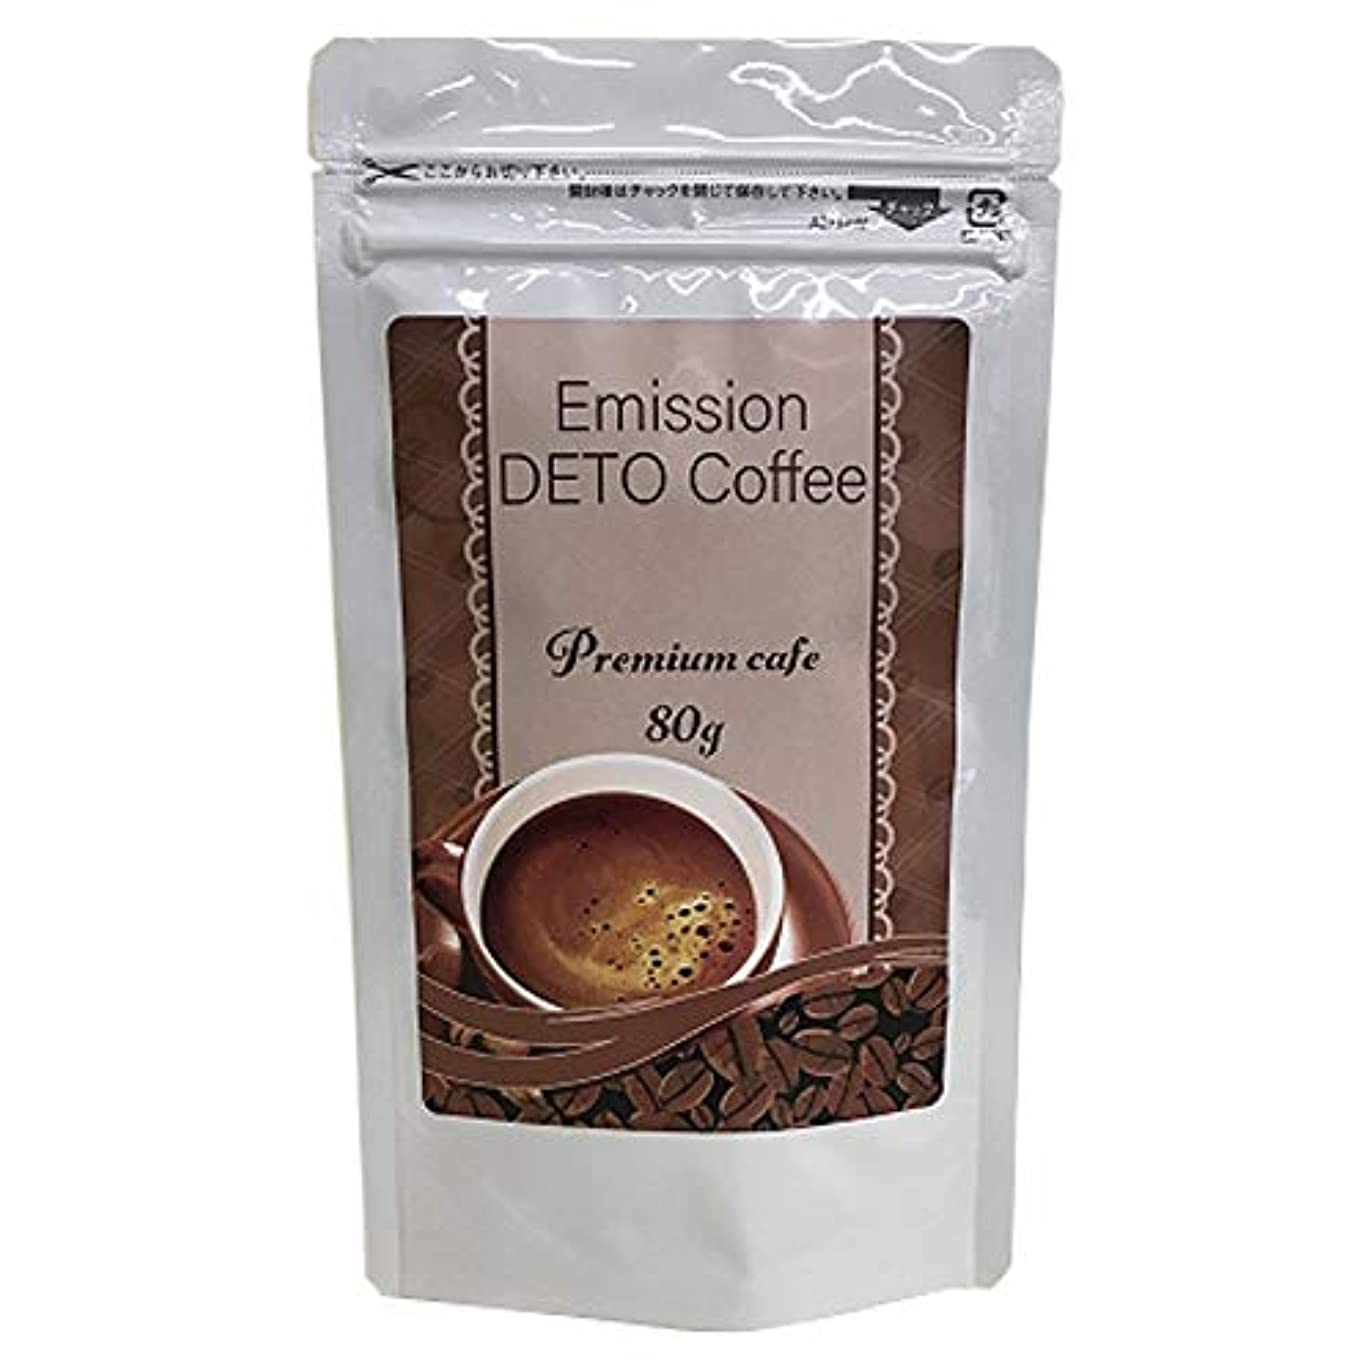 ビタミン不足模索エミッションデトコーヒー ダイエットコーヒー